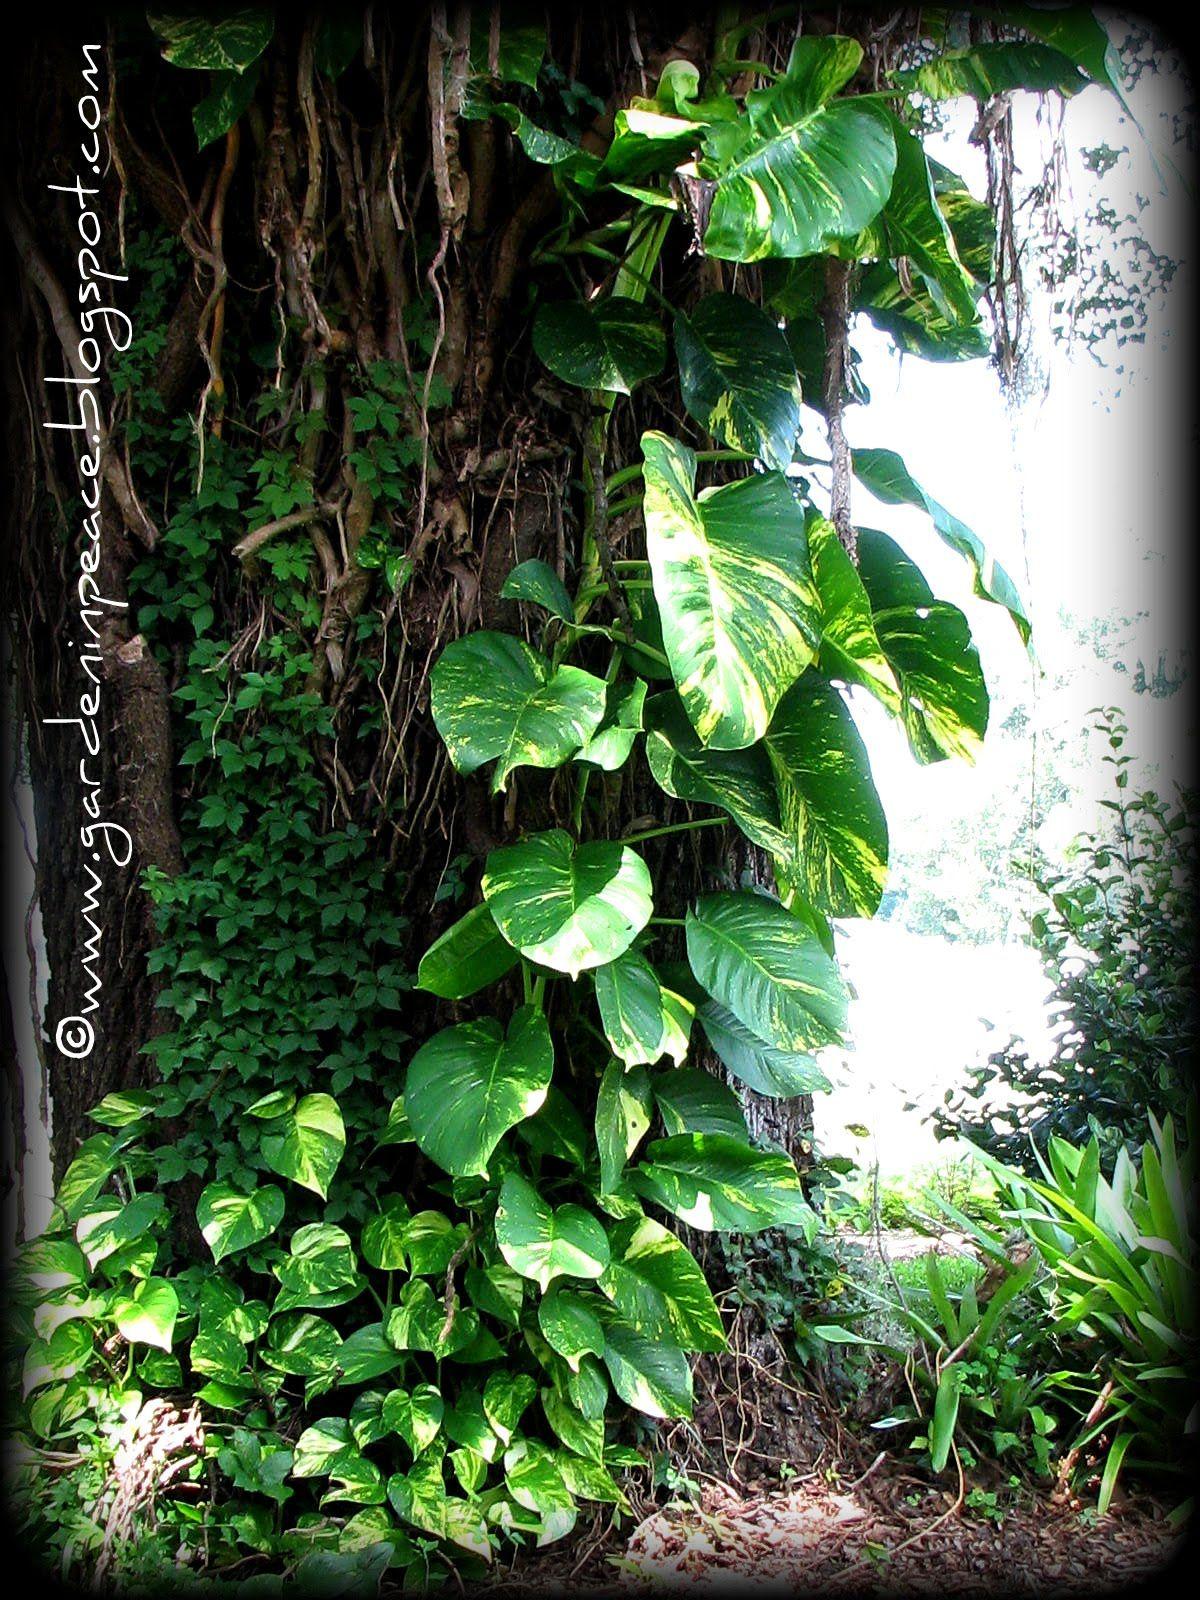 Giant Pothos Google Search Tropical Backyard Plants